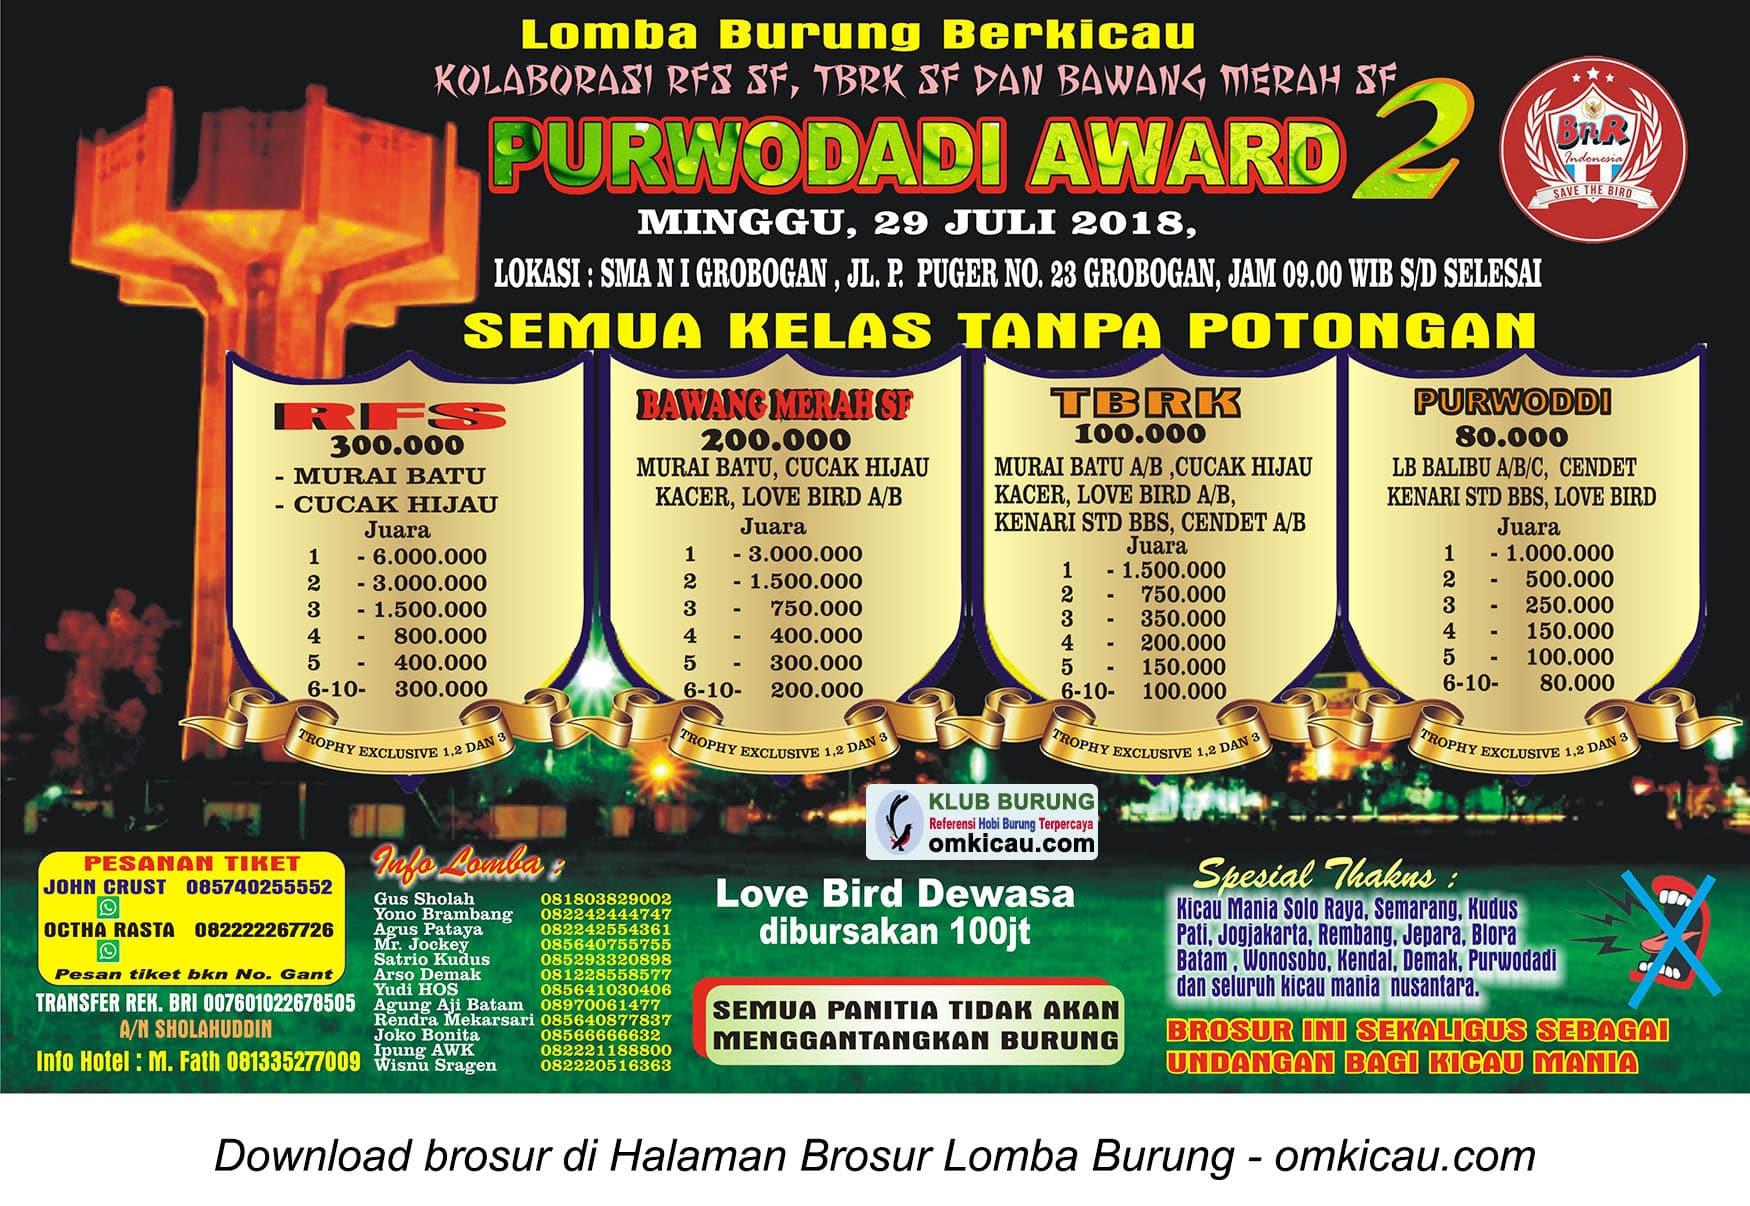 Purwodadi Award 2